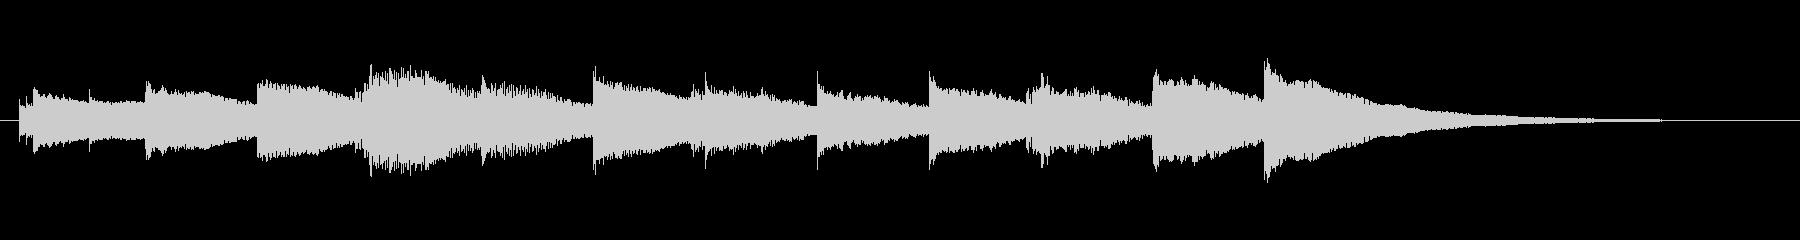 受信音、着信音の未再生の波形